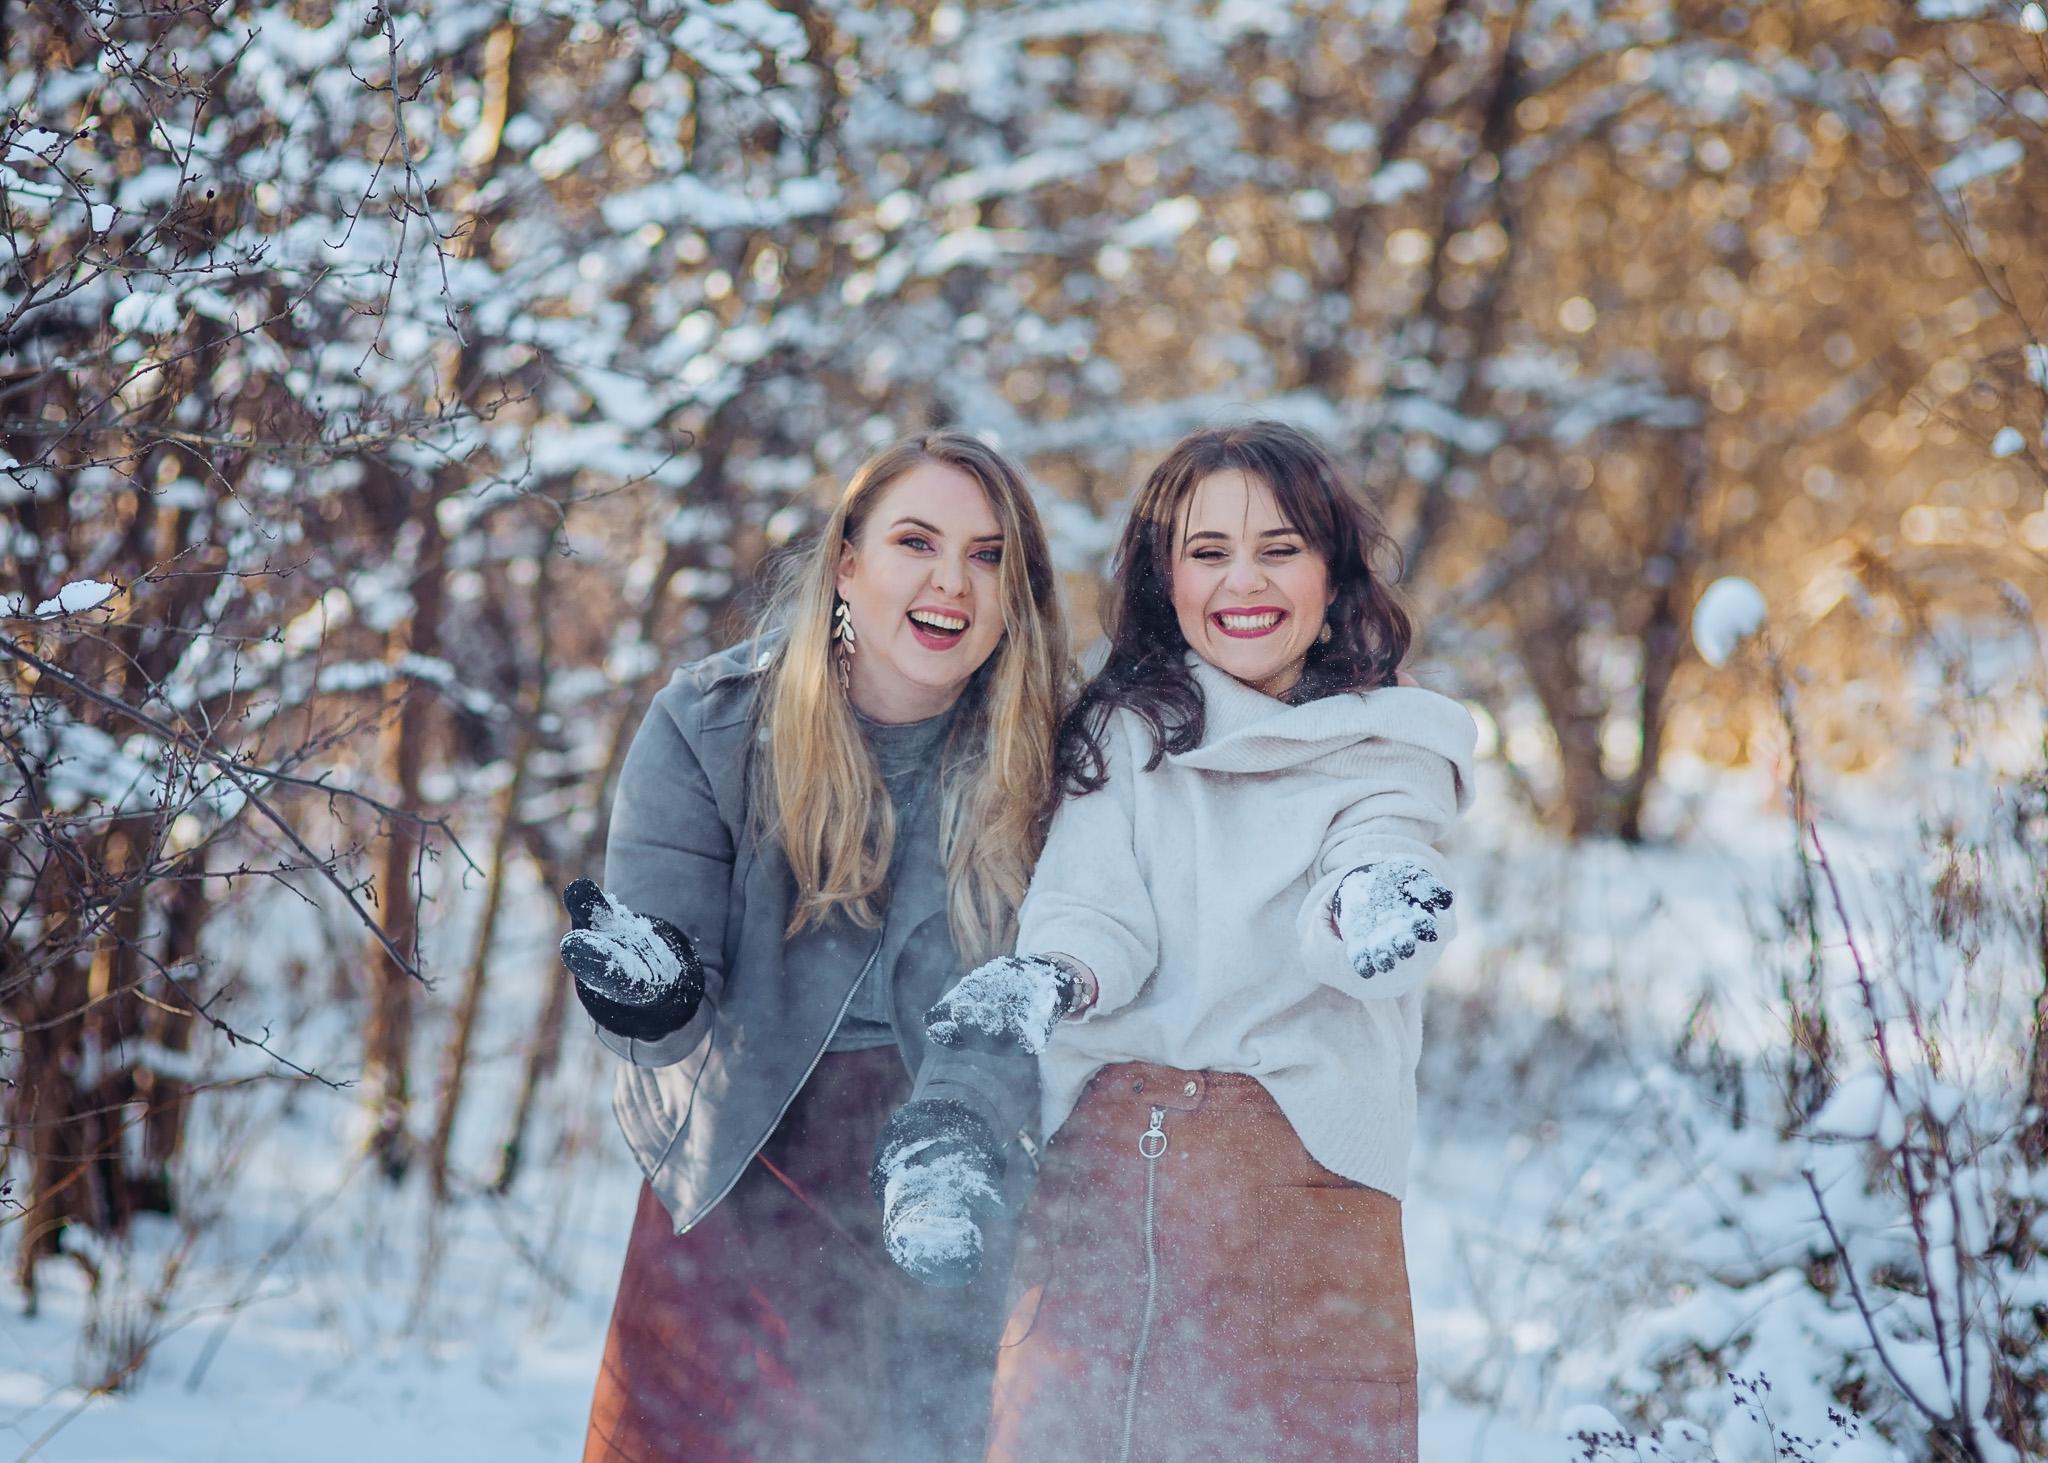 sesja fotograficzna przyjaciółek zimą